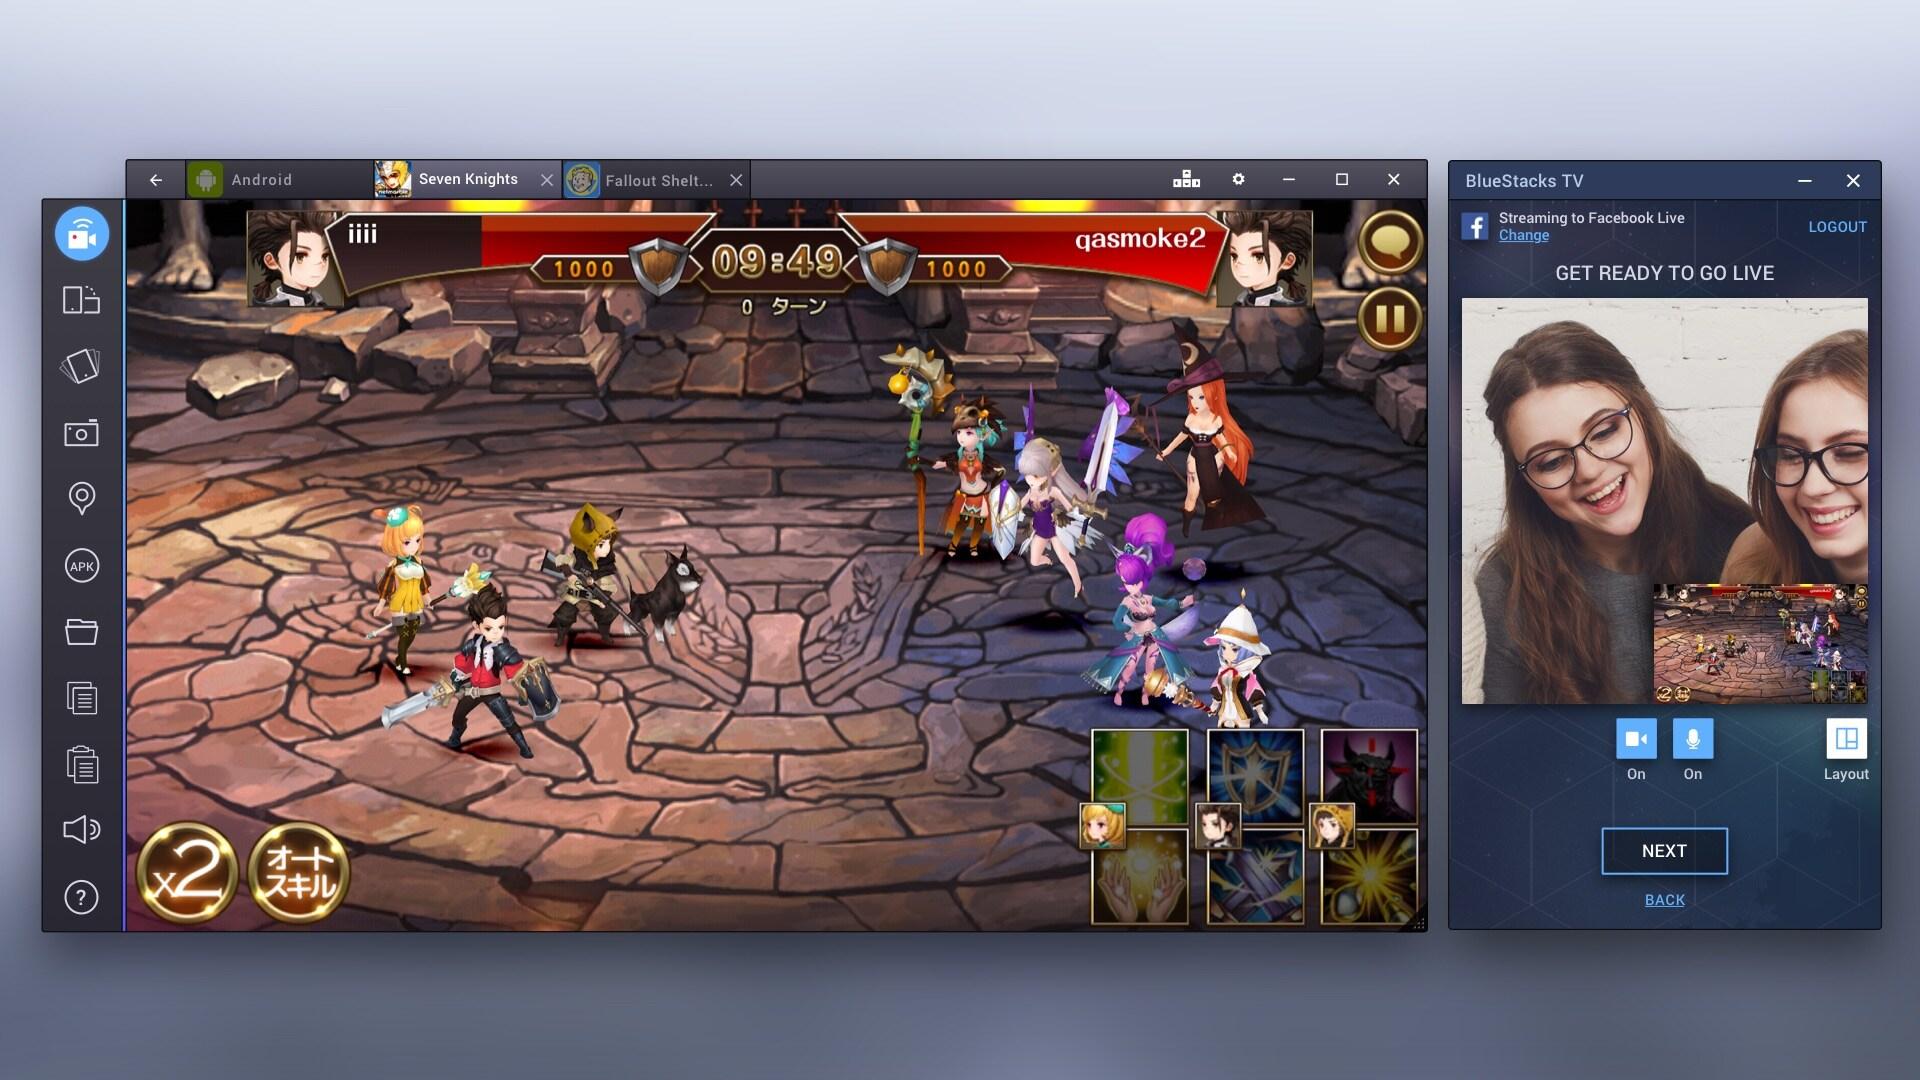 Facebook Live con app e giochi Android? Con Bluestacks si può, da PC e Mac (video)